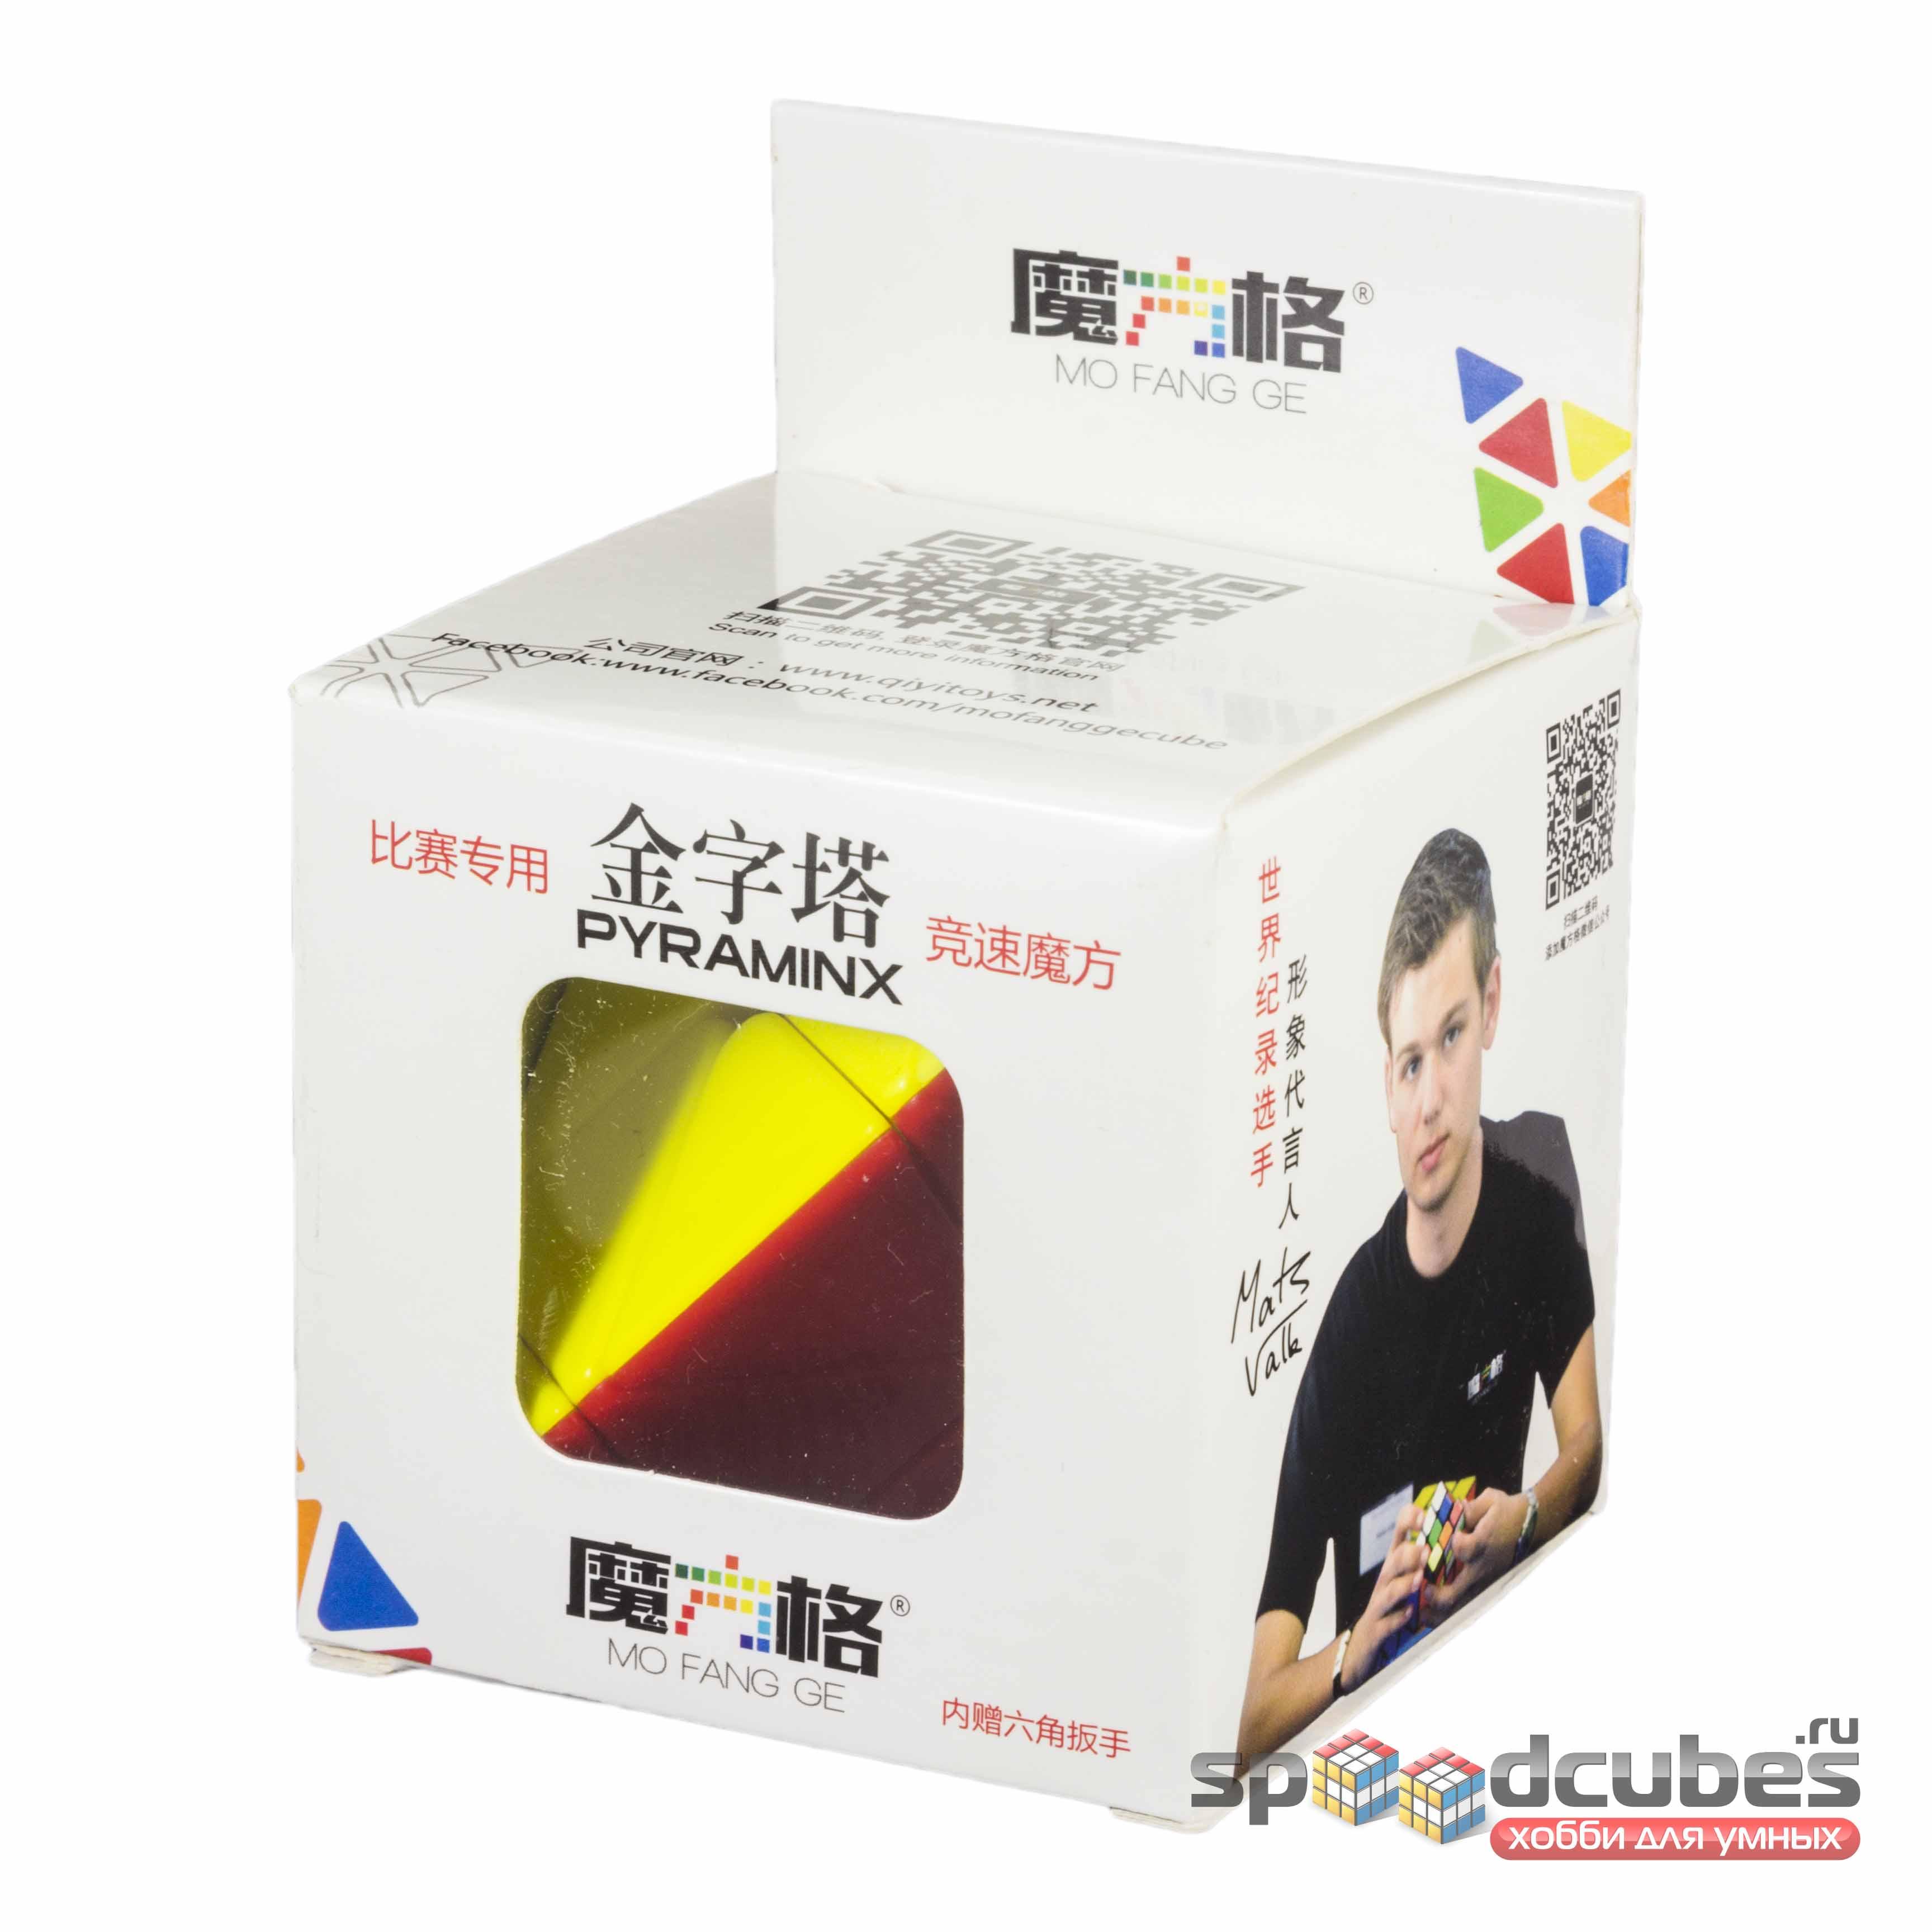 QiYi (MoFangGe) Pyraminx Color 1